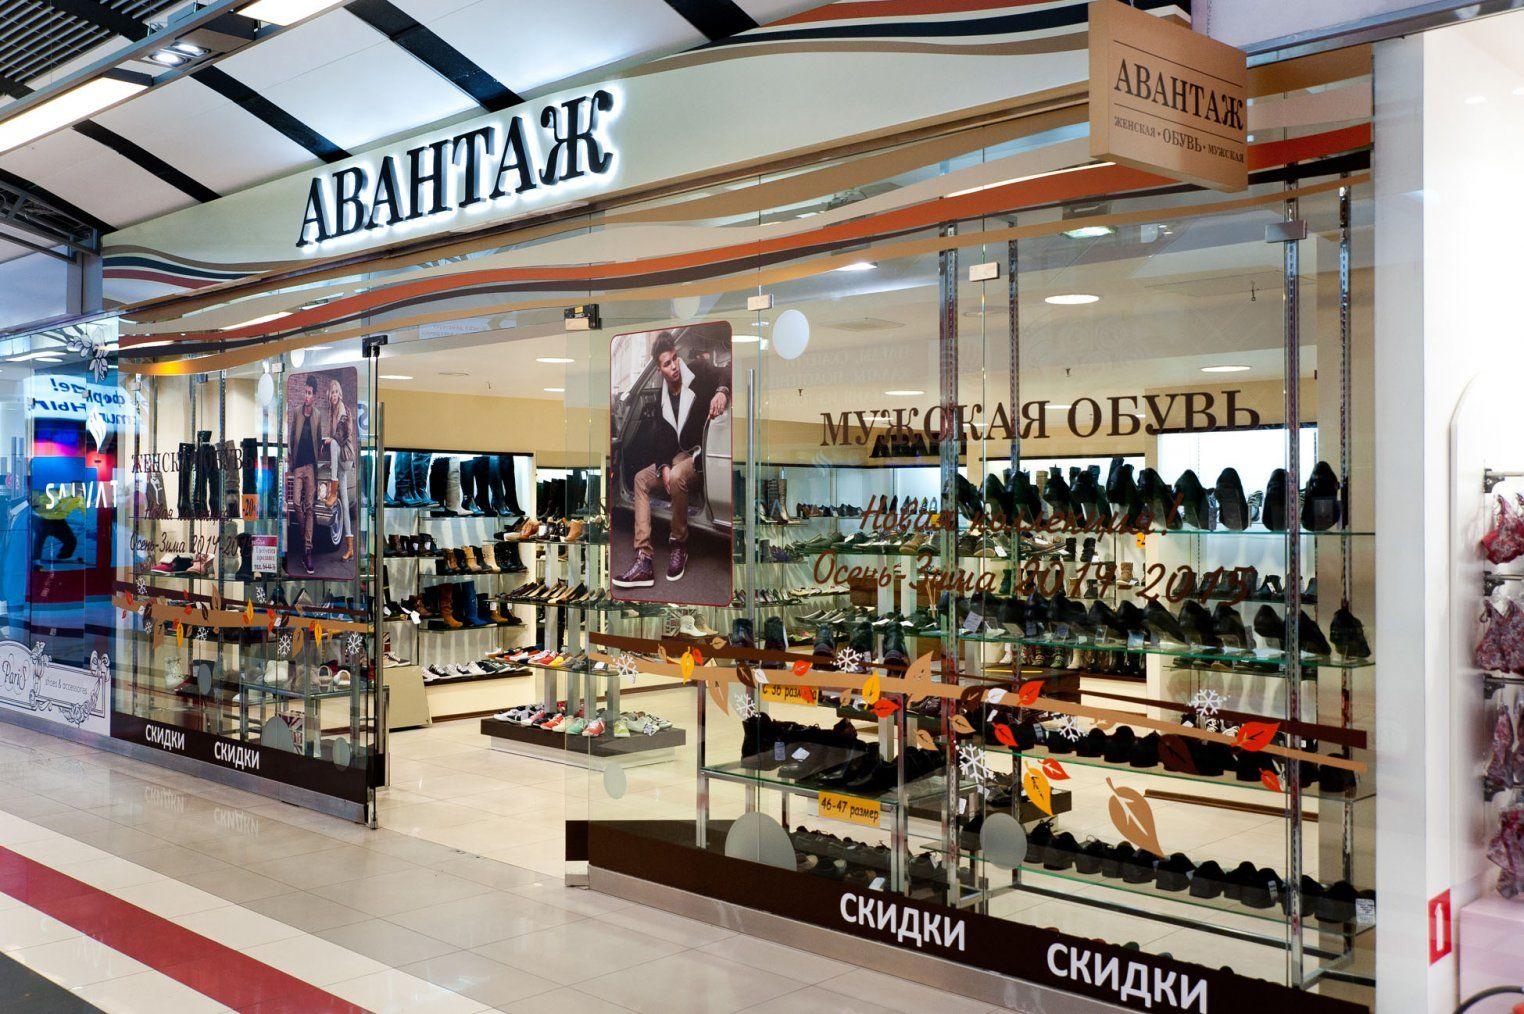 Авантаж в ТРК Петровский